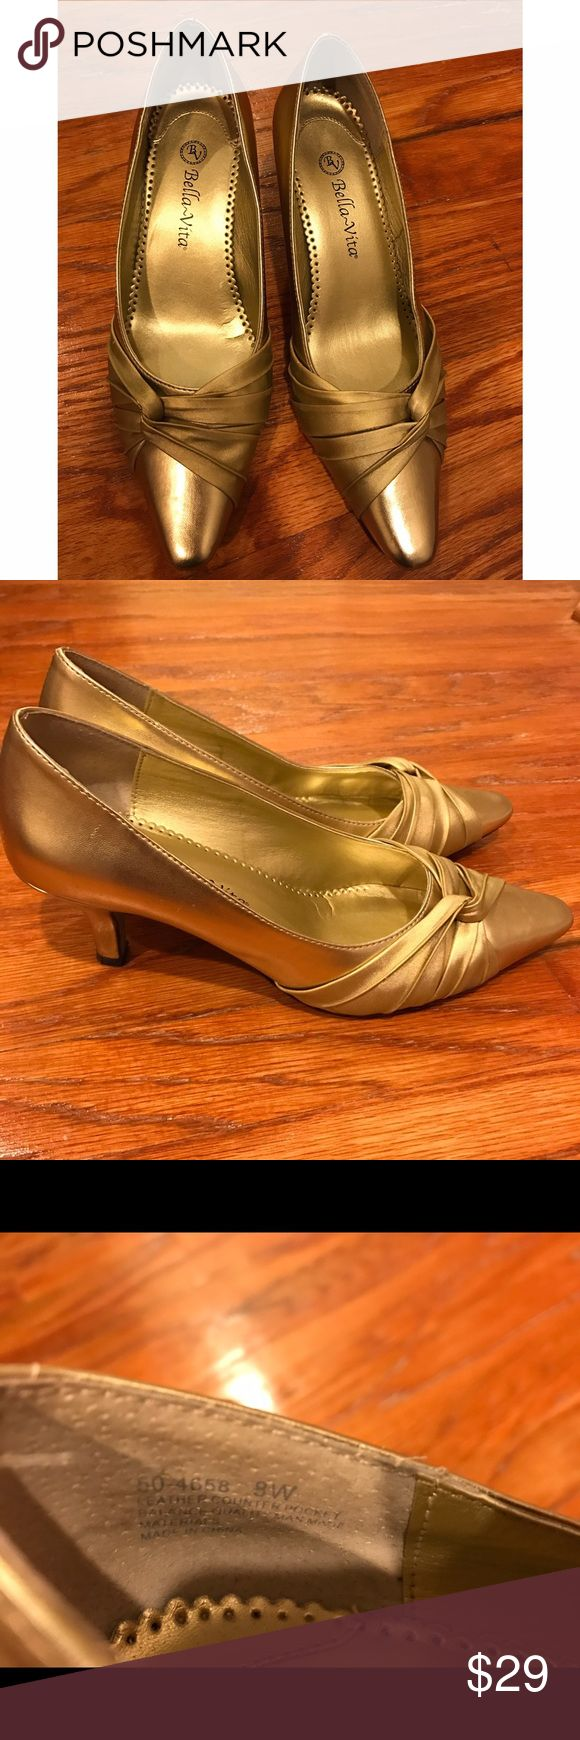 Bella Vita gold color pumps Beautiful pumps size 9w bella vita Shoes Heeled Boots